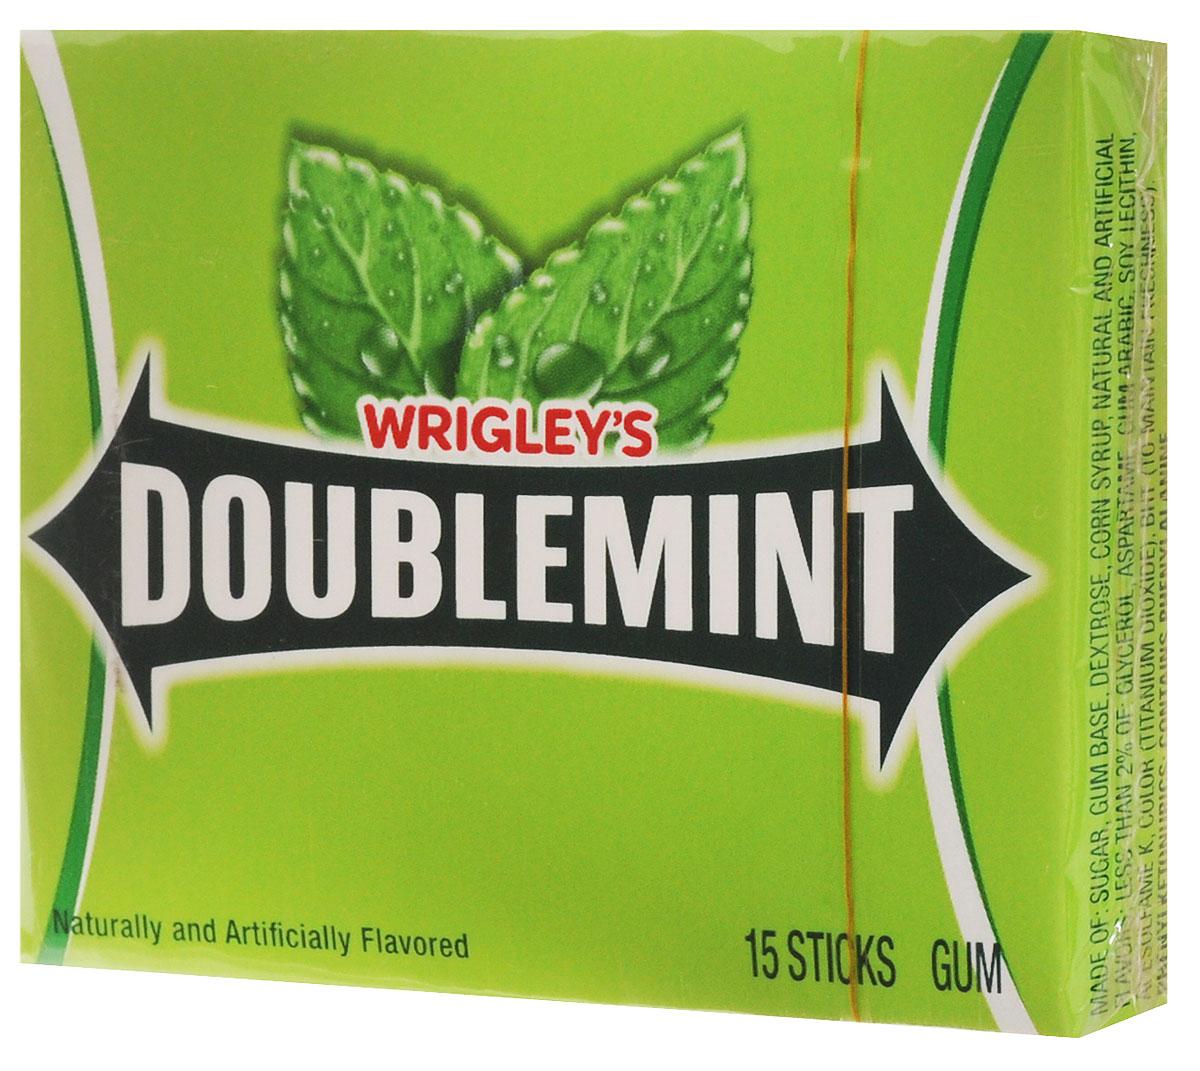 Doublemint жевательная резинка, 40,5 г0120710Жевательная резинка Doublemint имеет мягкий, но насыщенный вкус перечной мяты, умеренную сладость и свежий аромат. Эфирные масла, которые входят в ее состав, гарантируют длительную свежесть дыхания, а также охраняют зубную эмаль от кариеса и налета. Это особенно пригодится тем, кто вынужден принимать пищу вне дома и не имеет возможности почистить зубы и воспользоваться нитью.Уважаемые клиенты! Обращаем ваше внимание, что полный перечень состава продукта представлен на дополнительном изображении.